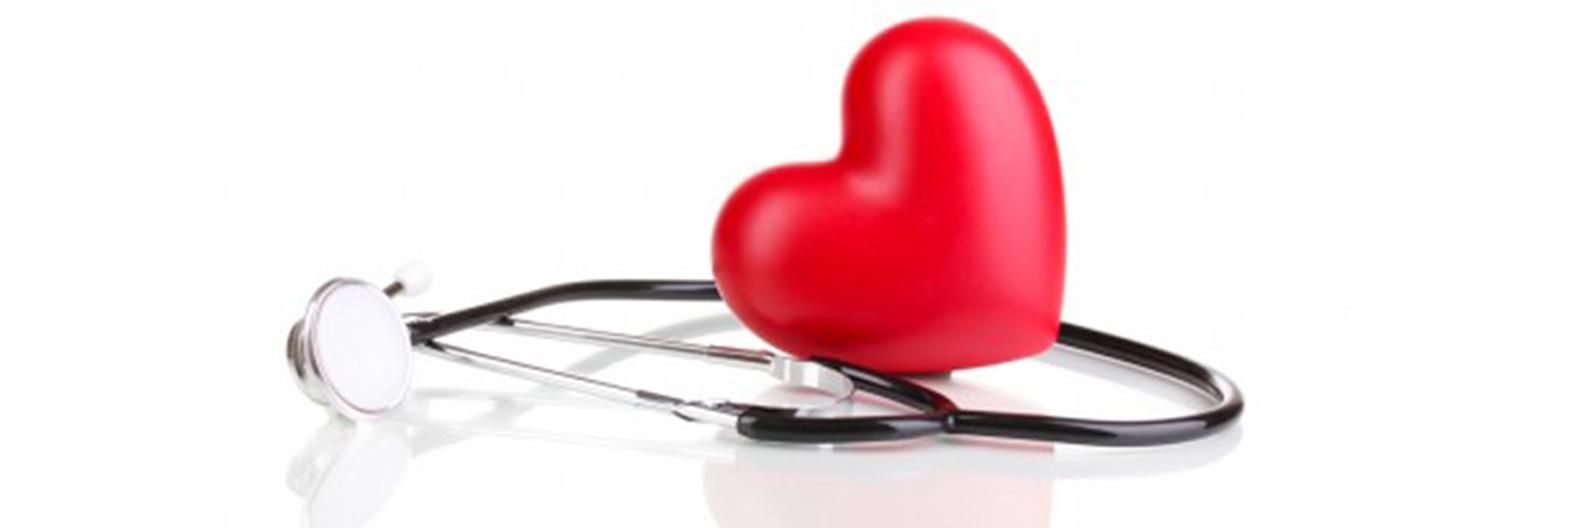 kilpinė hipertenzija, kas tai